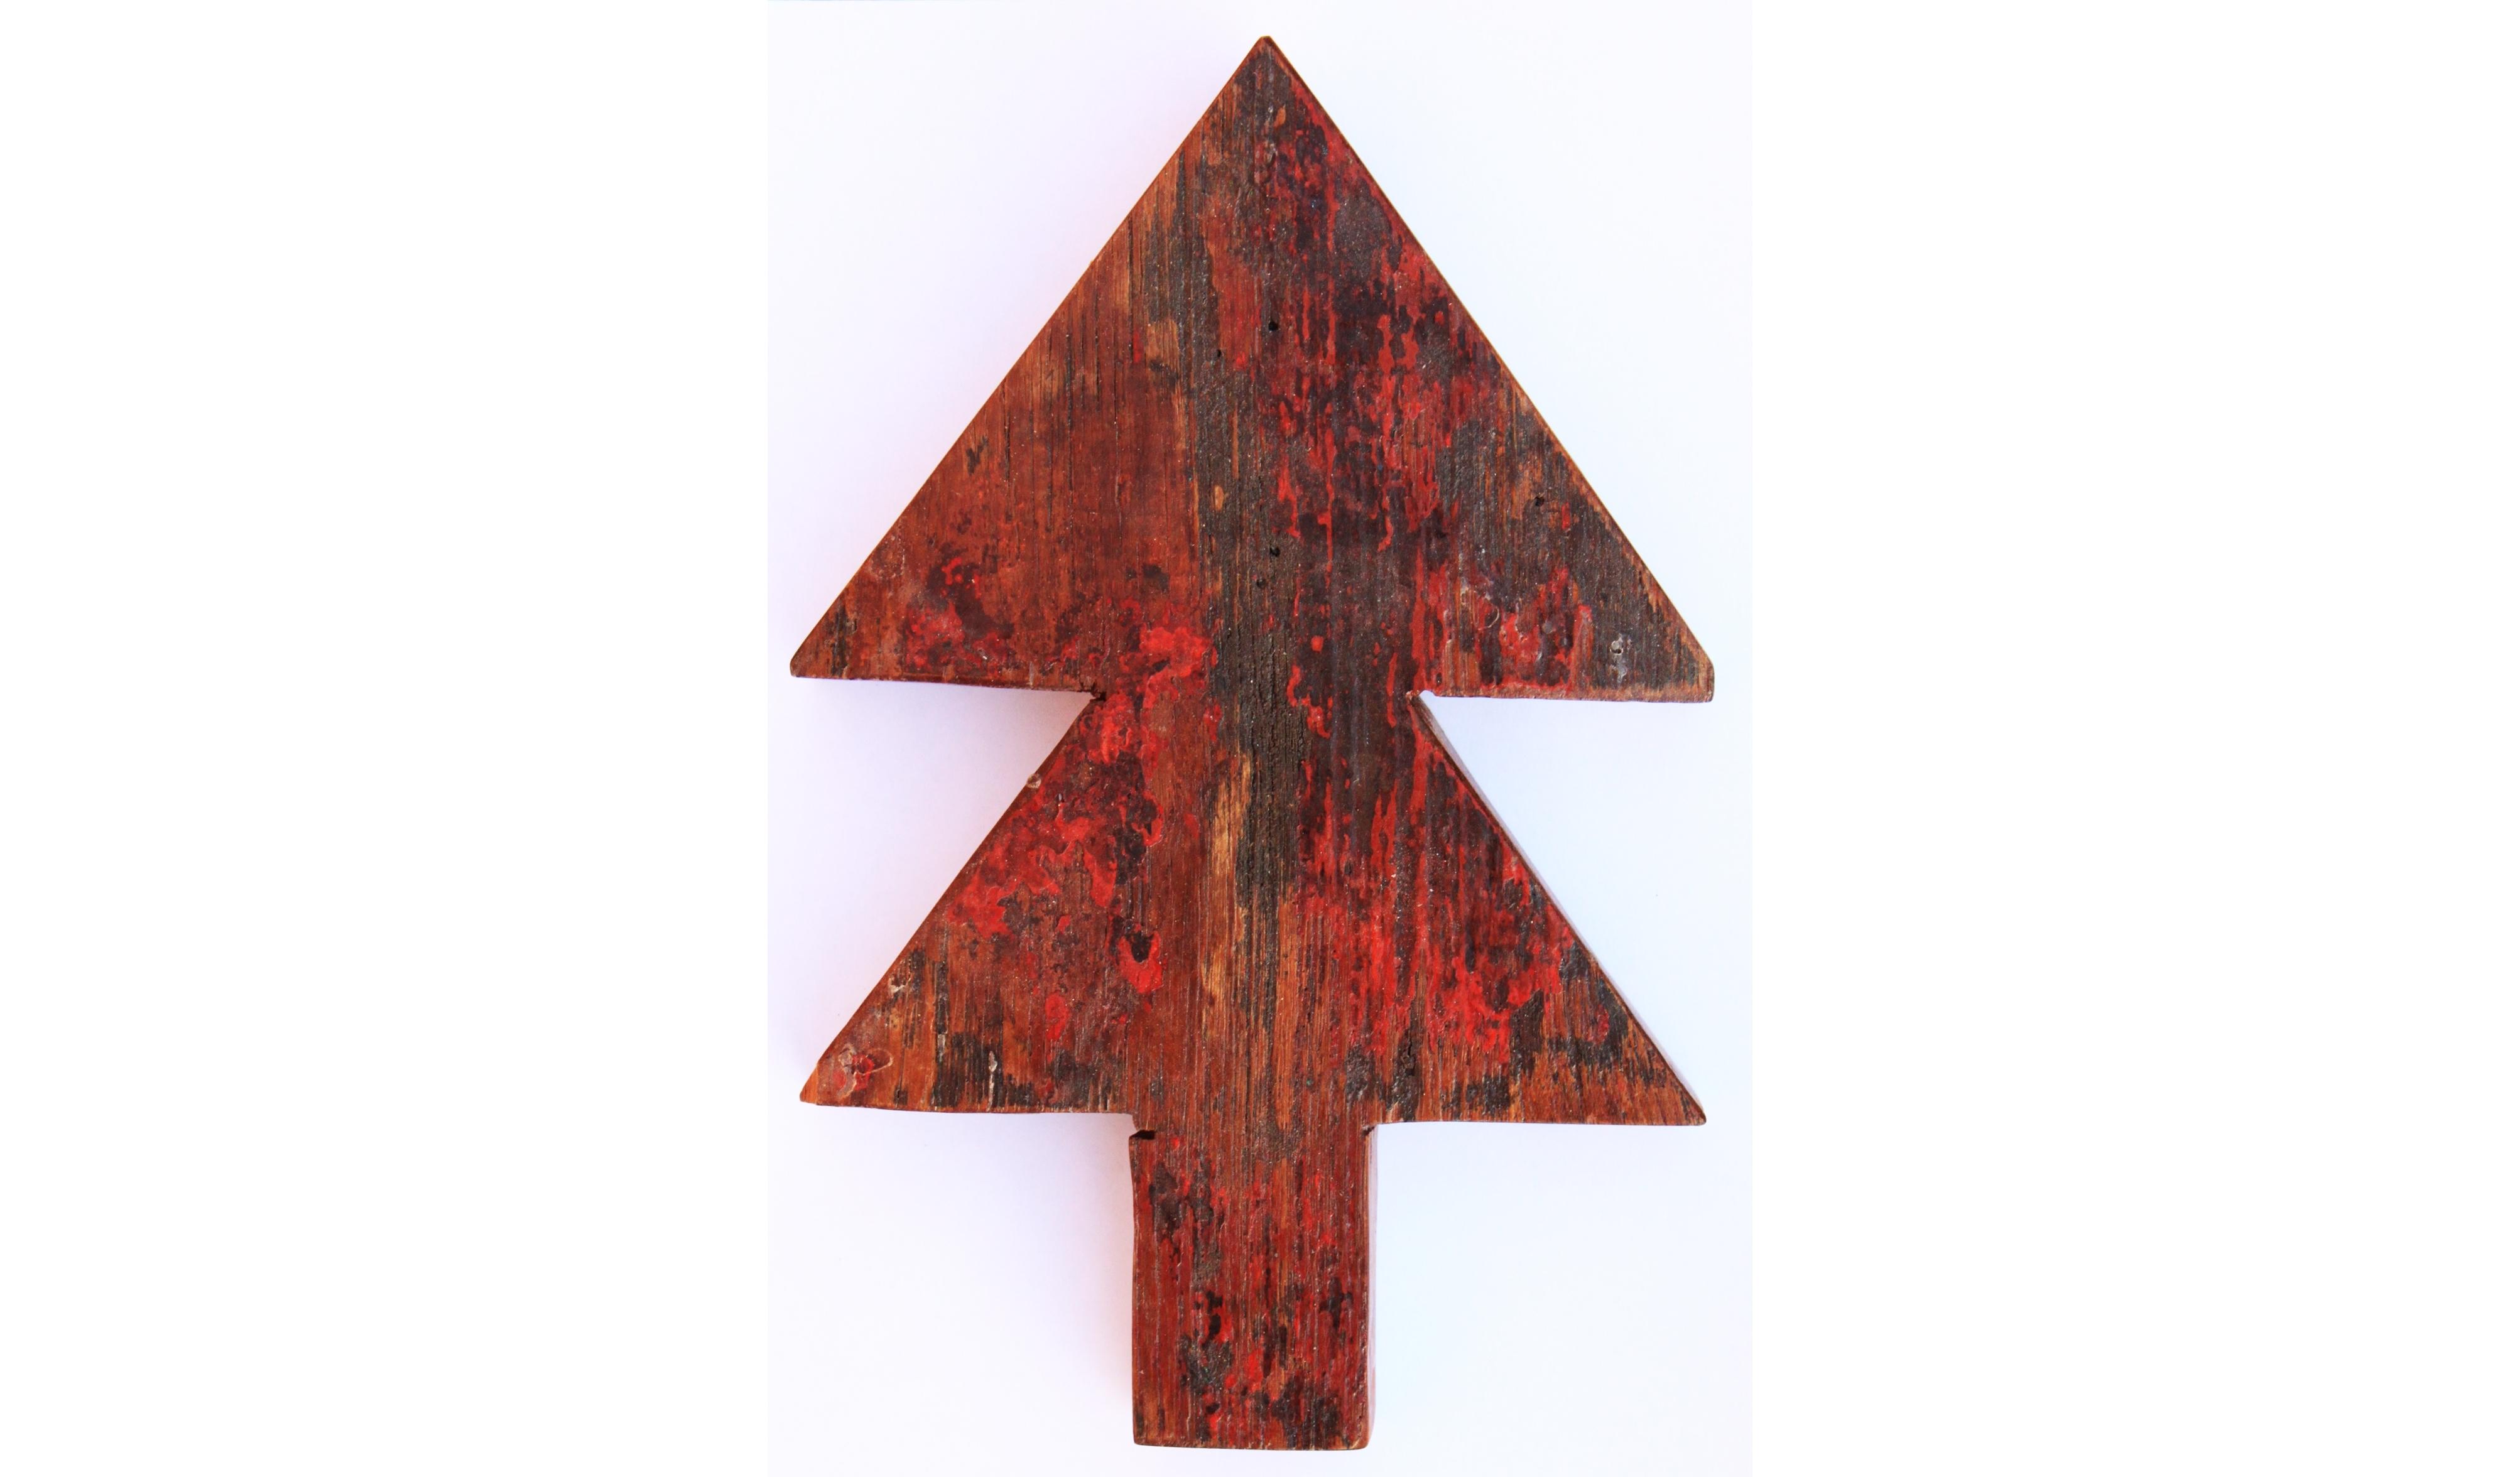 ЁлкаДругое<br>&amp;lt;div&amp;gt;Ставить на Новый Год обычную елку и из года в год украшать ее теми же игрушками – скучно и банально. Гораздо интересней создать на своей стене композицию из деревянных фигур в форме елок, звезд, сердец и обезьяньих мордочек, которые предлагает в этом сезоне молодой, но уже нашумевший бренд Like Lodka. Дополните композицию светящейся гирляндой – и праздничное настроение обеспечено.&amp;lt;br&amp;gt;&amp;lt;/div&amp;gt;&amp;lt;div&amp;gt;&amp;lt;br&amp;gt;&amp;lt;/div&amp;gt;Ёлка выполнена из фрагмента настоящего рыболовецкого судна, возраст которого 20-50 лет.<br><br>Material: Тик<br>Width см: 18<br>Depth см: 3<br>Height см: 27